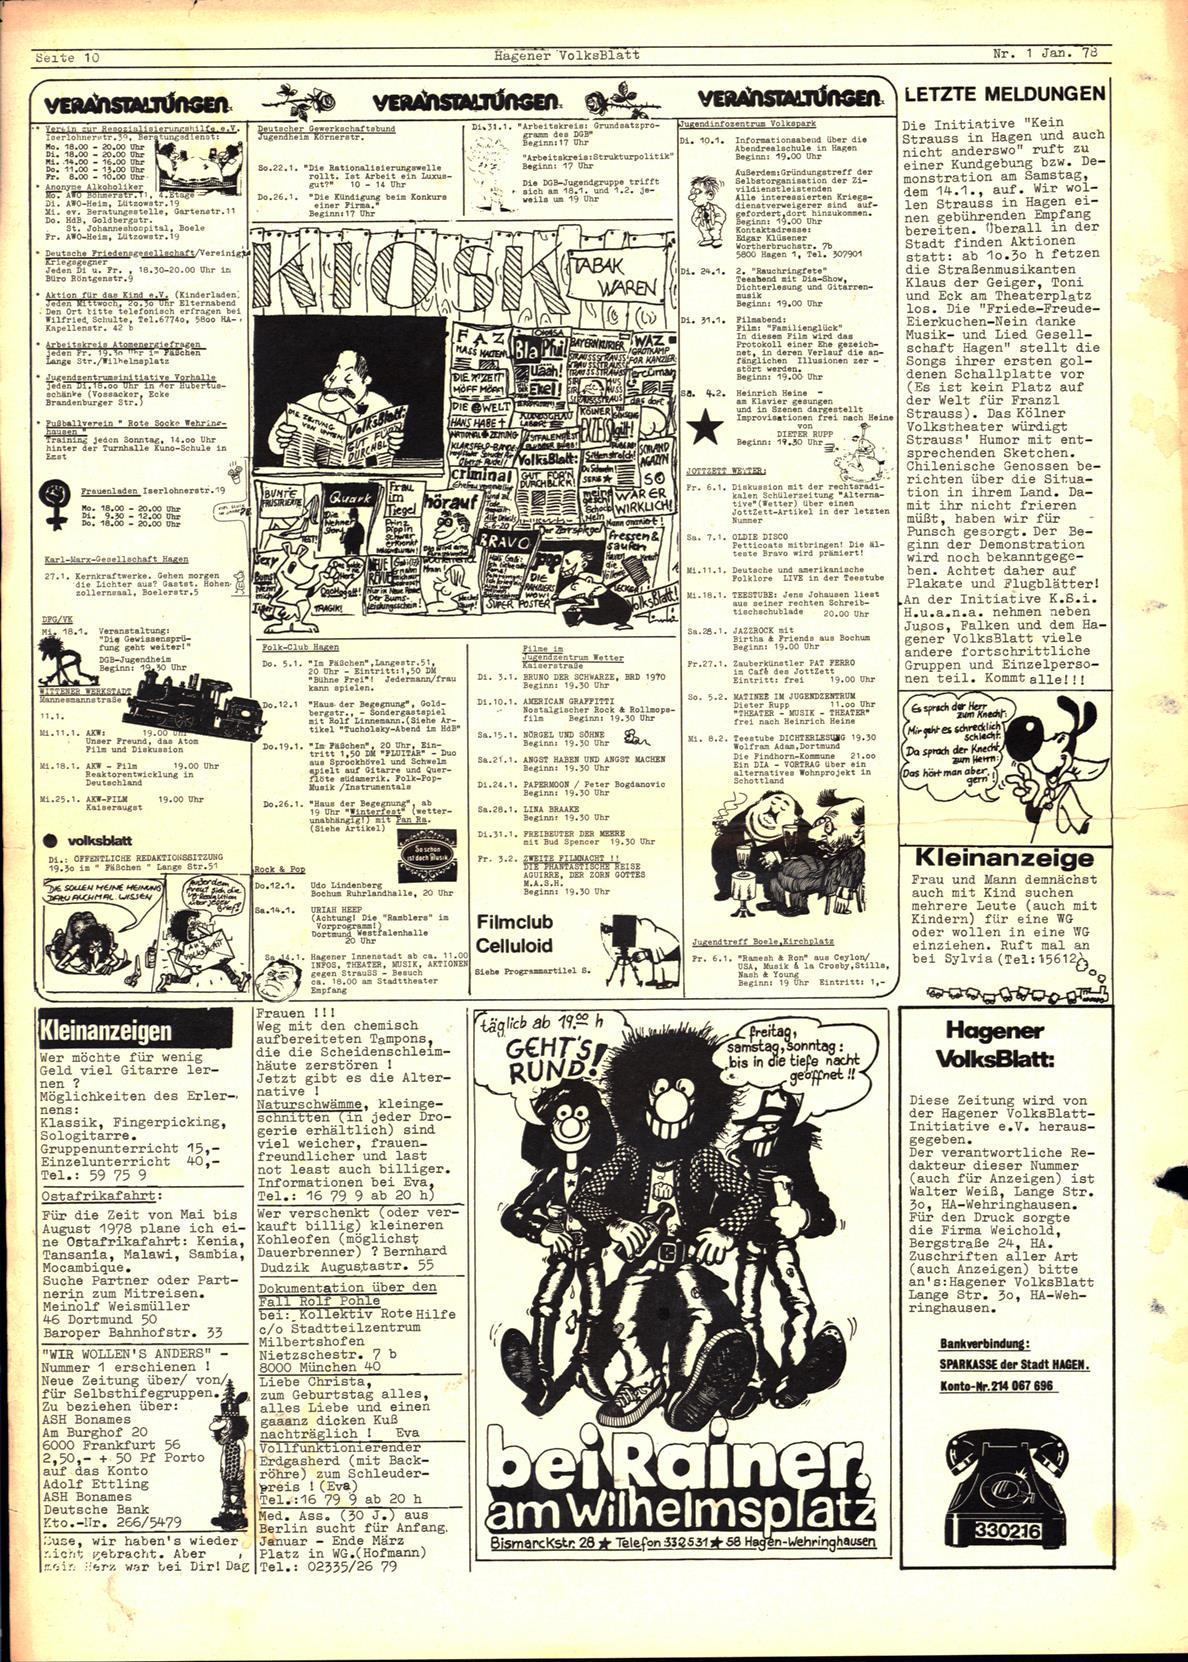 Hagen_Volksblatt_19780100_10